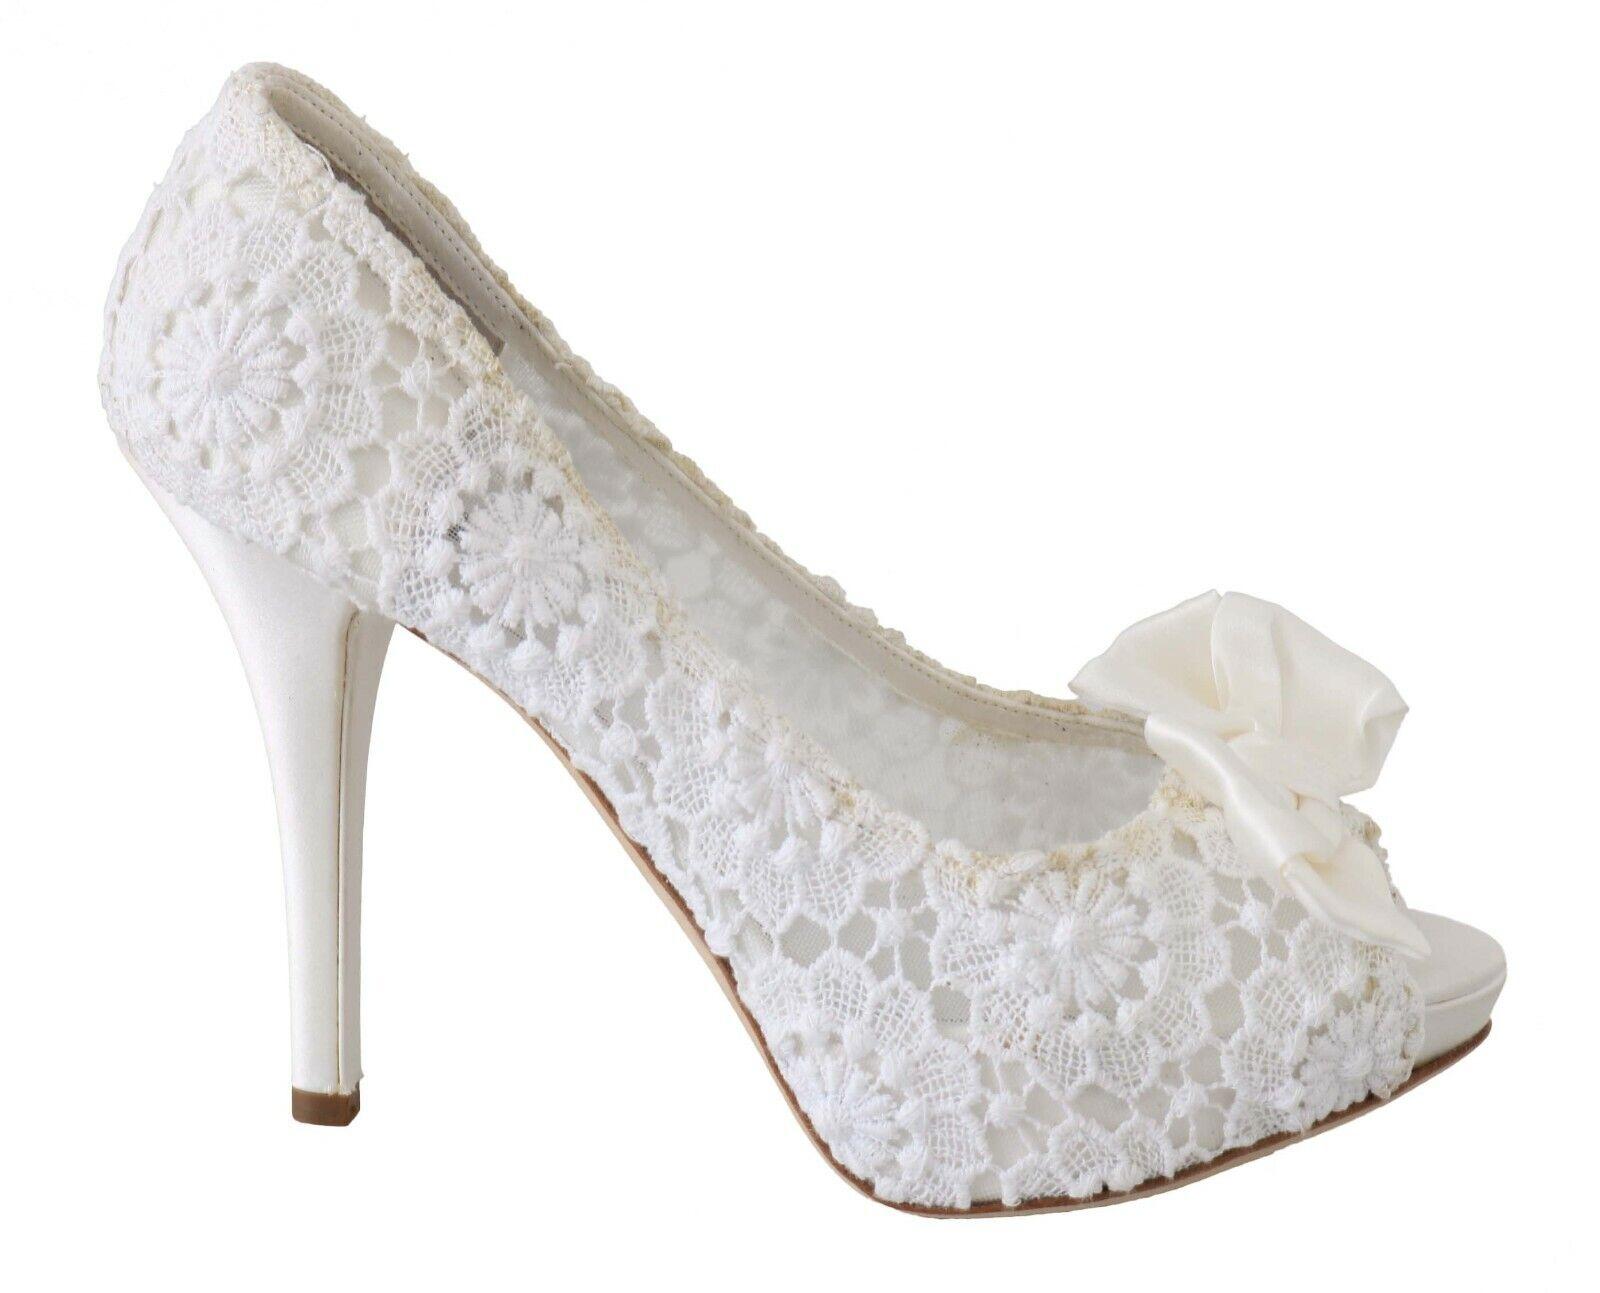 DOLCE & GABBANA Shoes Platform Open Toe White Lace Pumps EU39/ US8.5 RRP